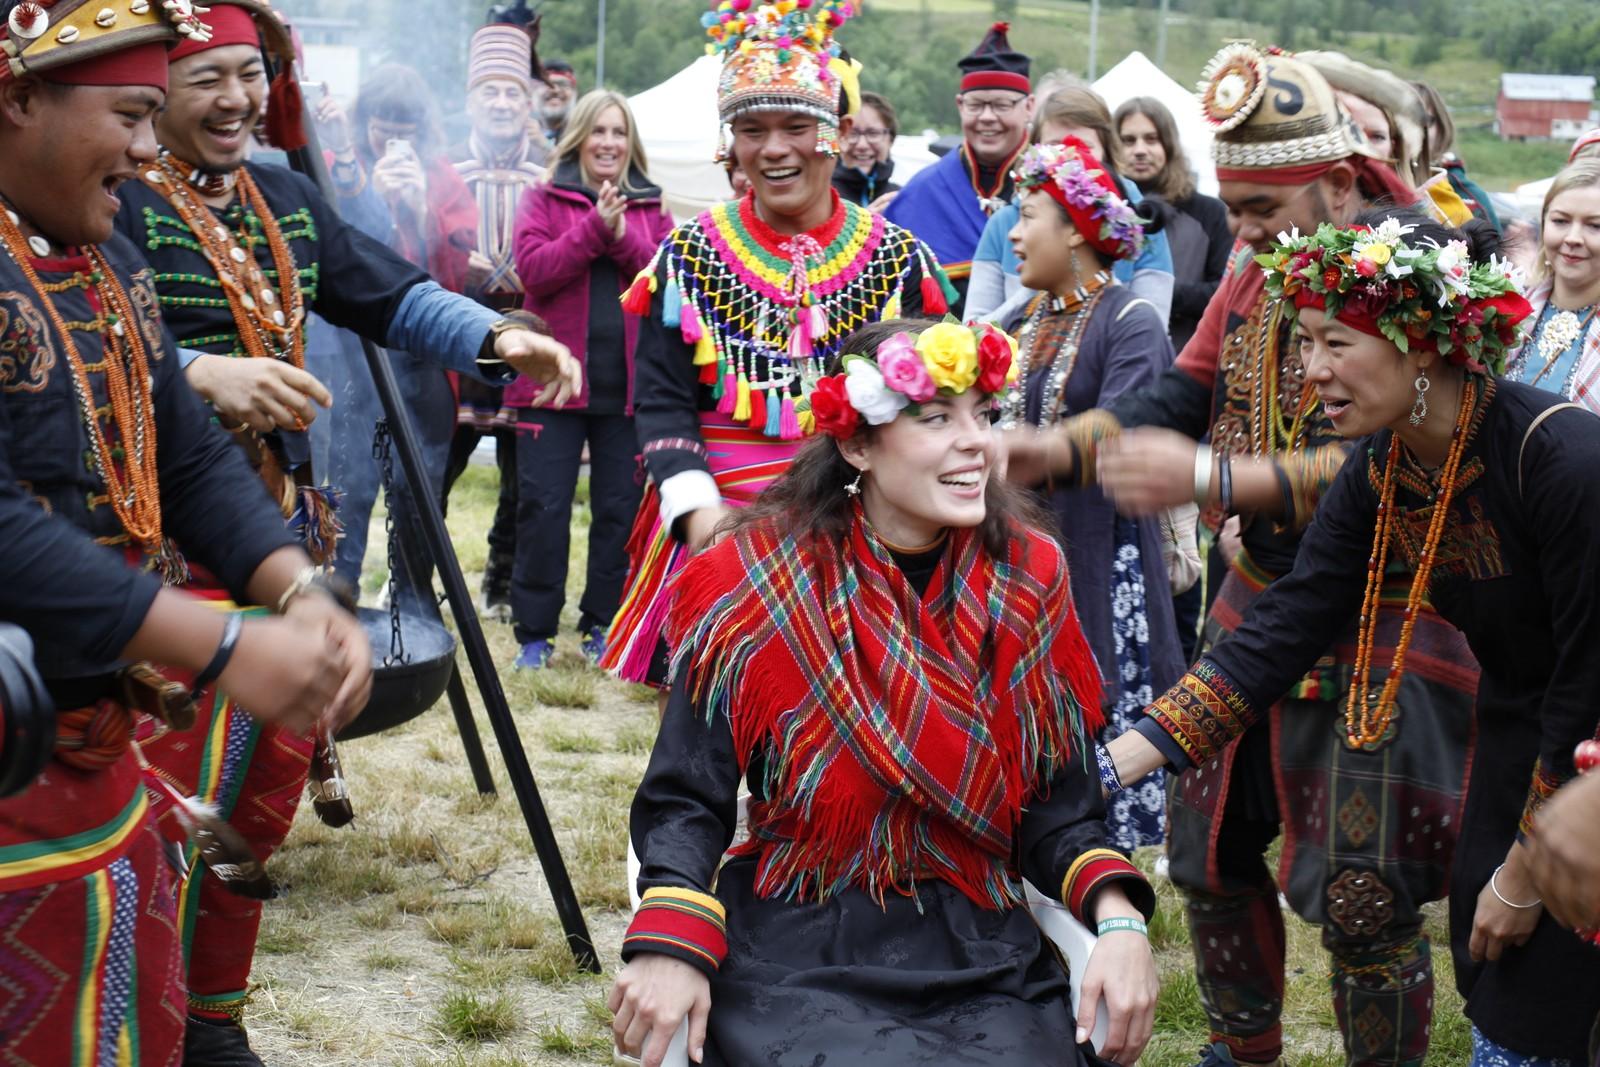 Karoline Trollvik fikk en spesiell dans før hun ble løftet opp av urfolksrepresentantene fra Taiwan.